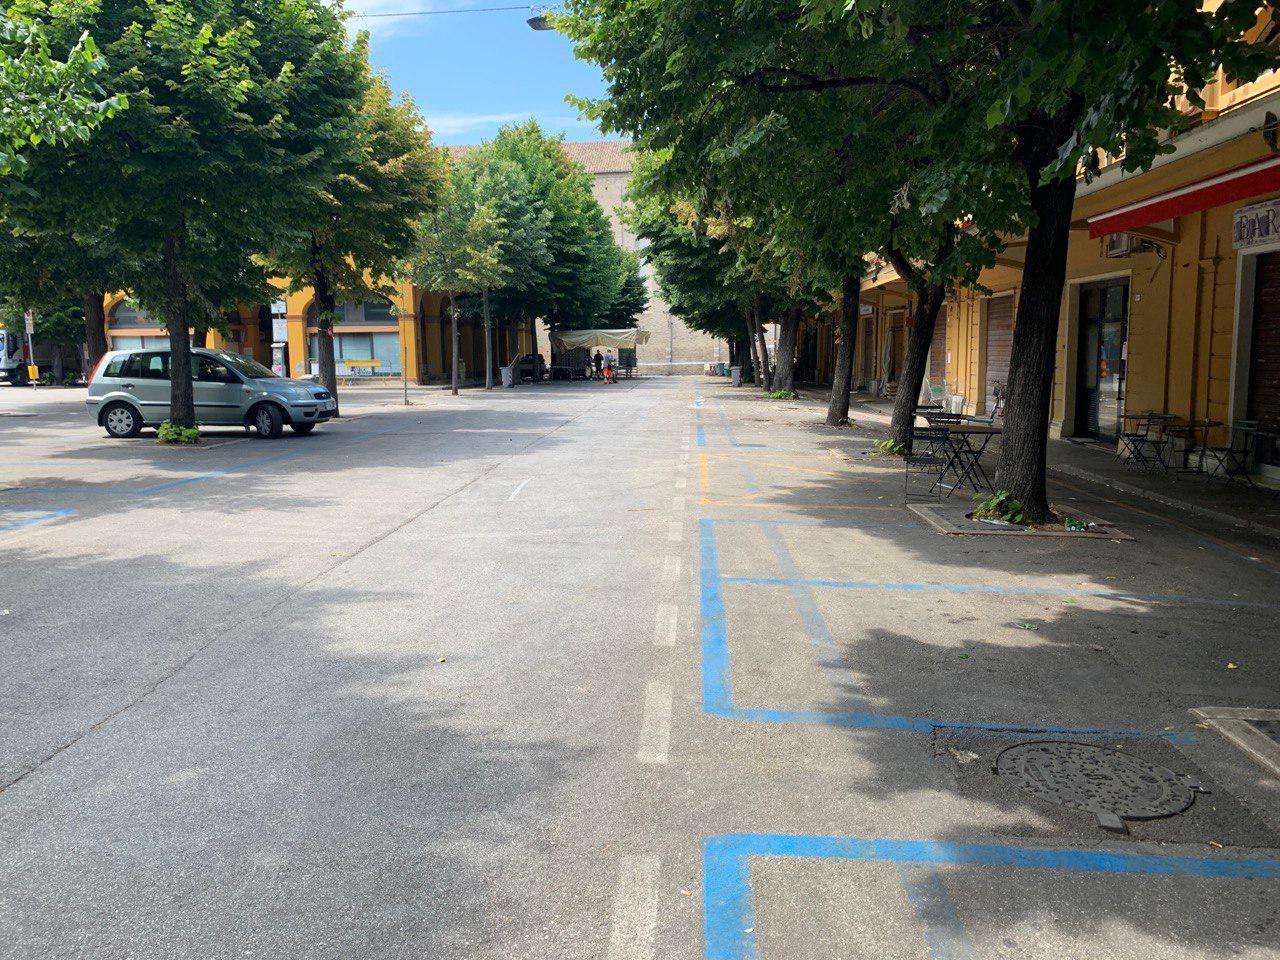 Ztl in Piazza Costa